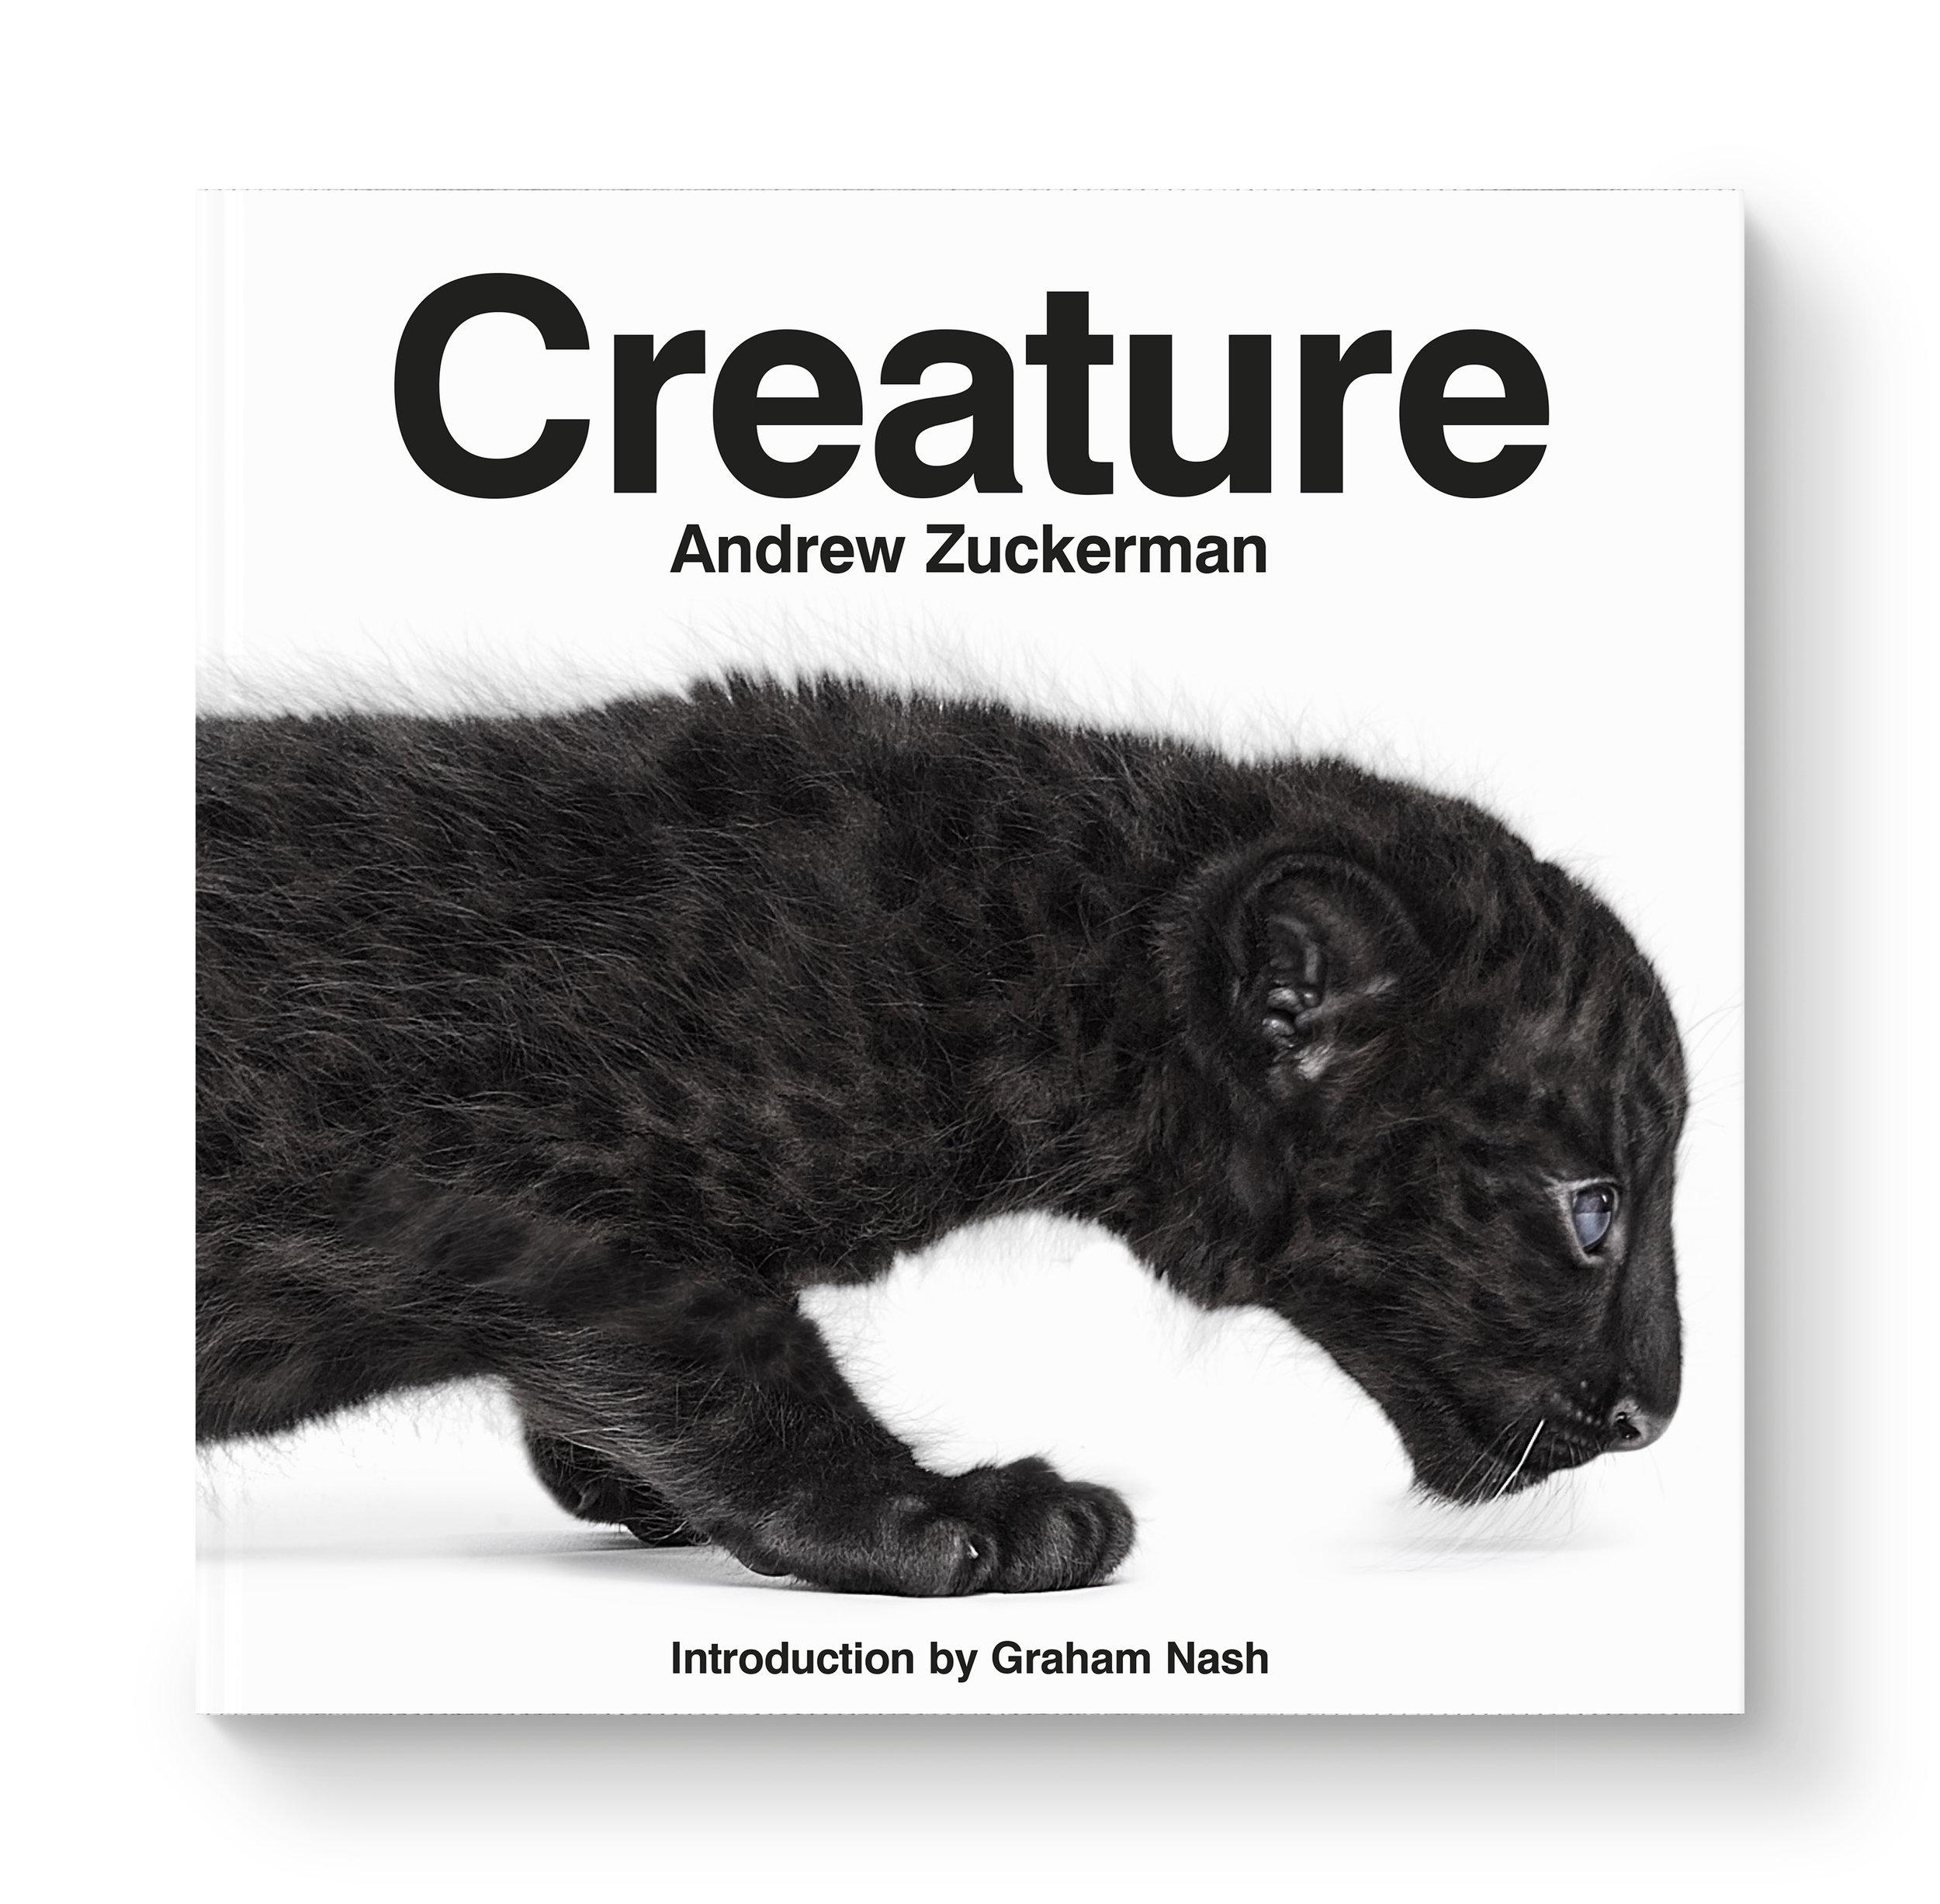 az-creature-jkt.jpg